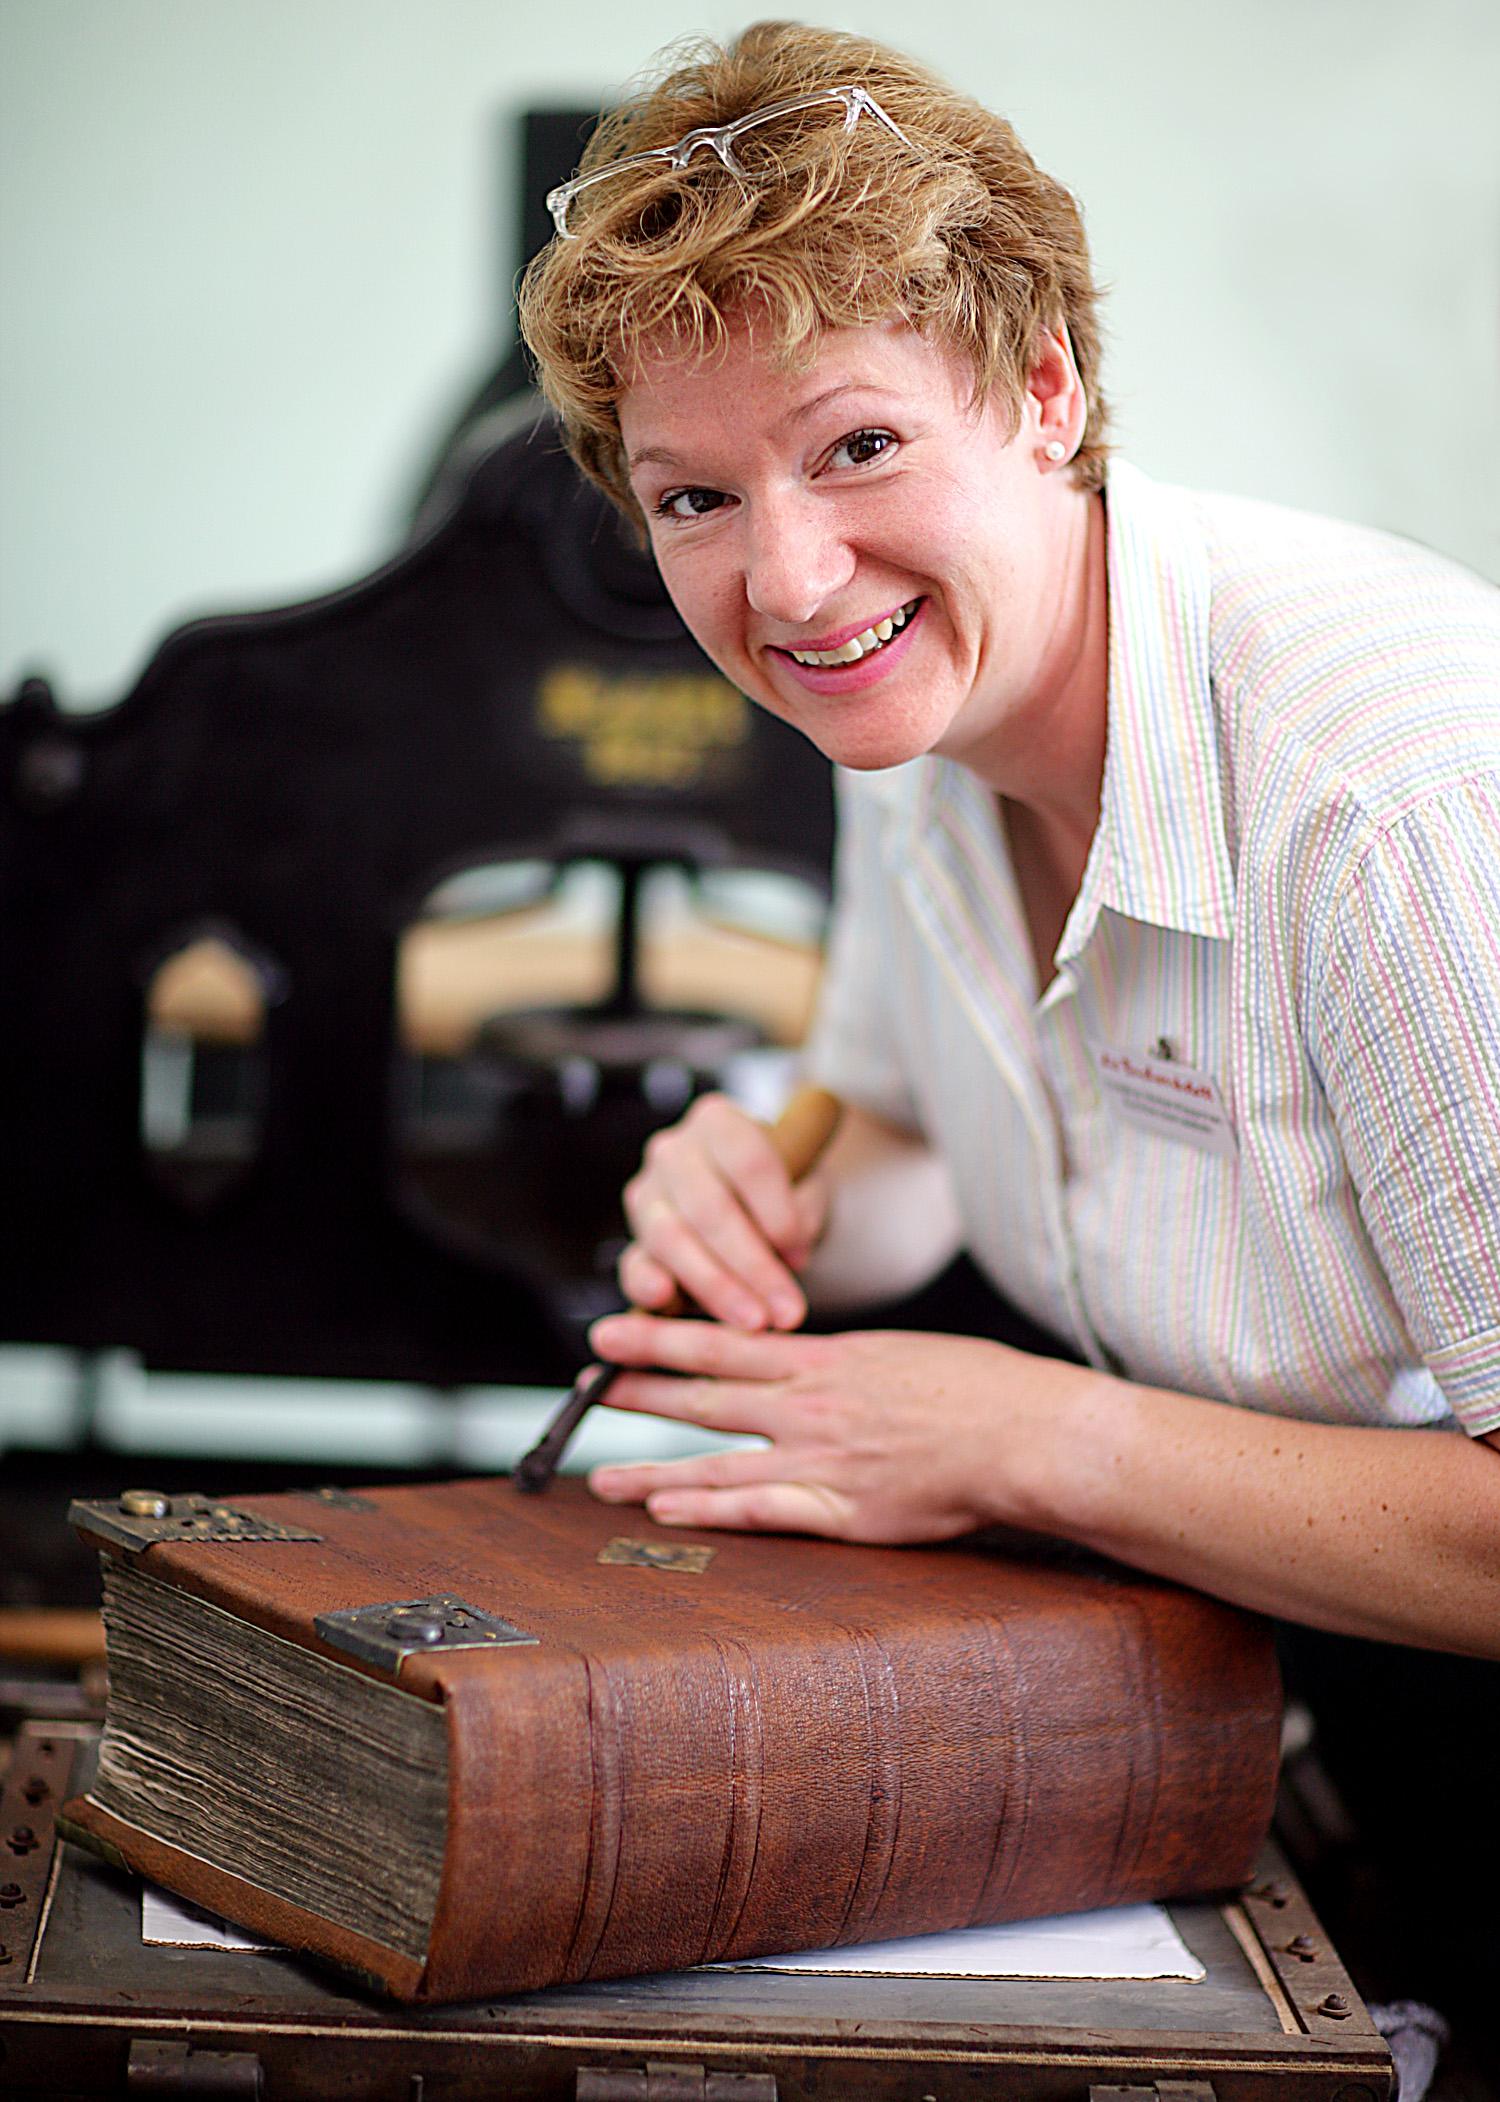 Buchbinderin Christine Merkel-Köppchen, Inhaberin der Buchwerkstatt,